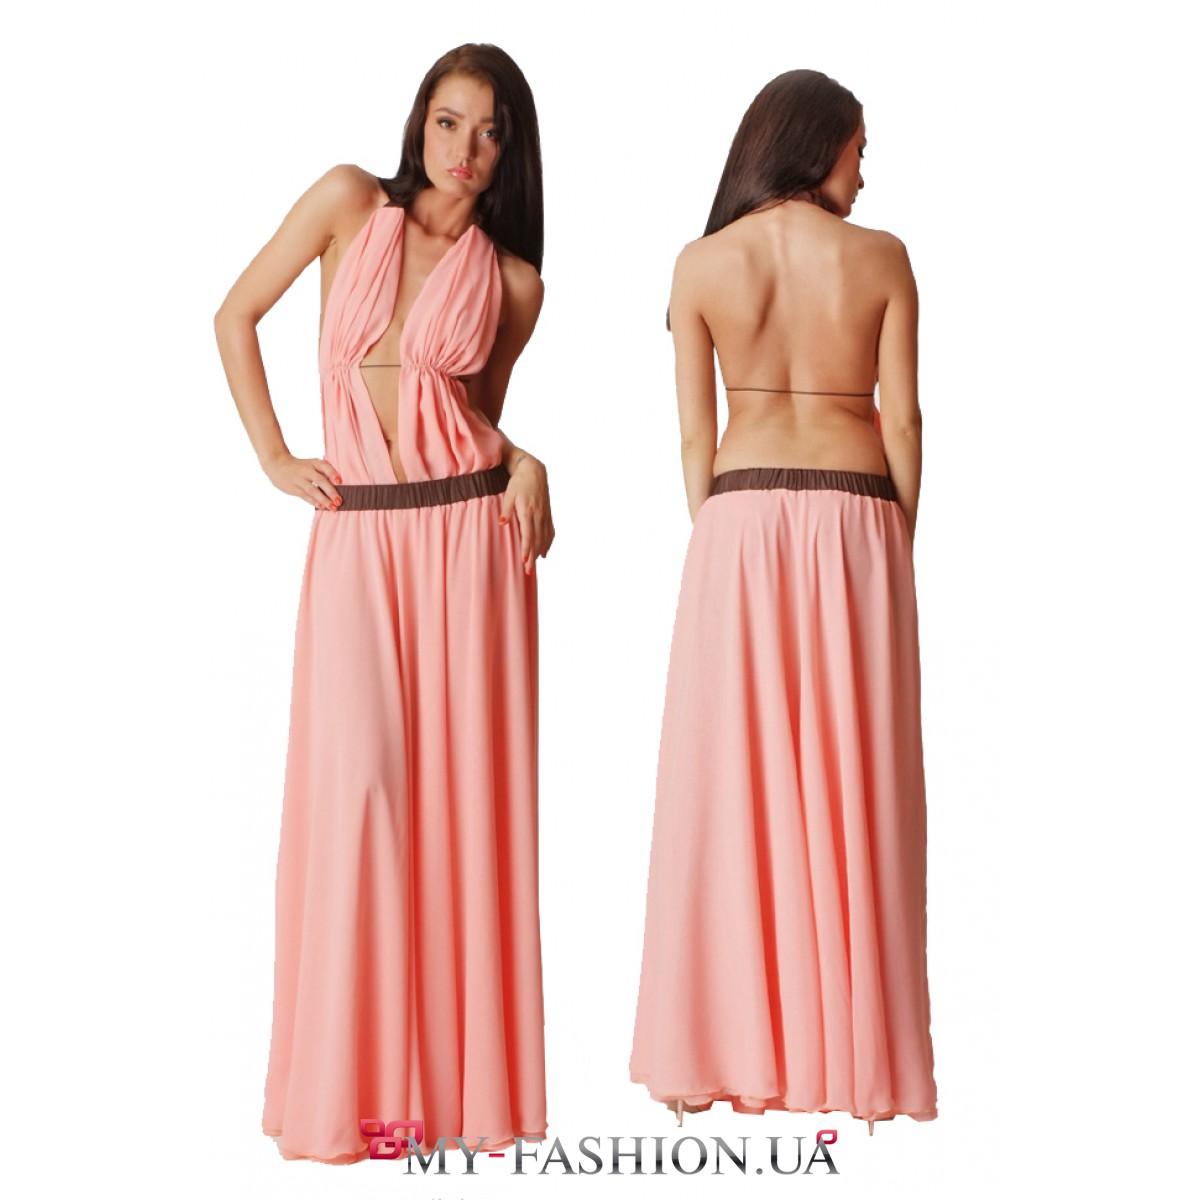 99bb88d6909 Длинное платье-сарафан персикового цвета купить в интернет магазине ...